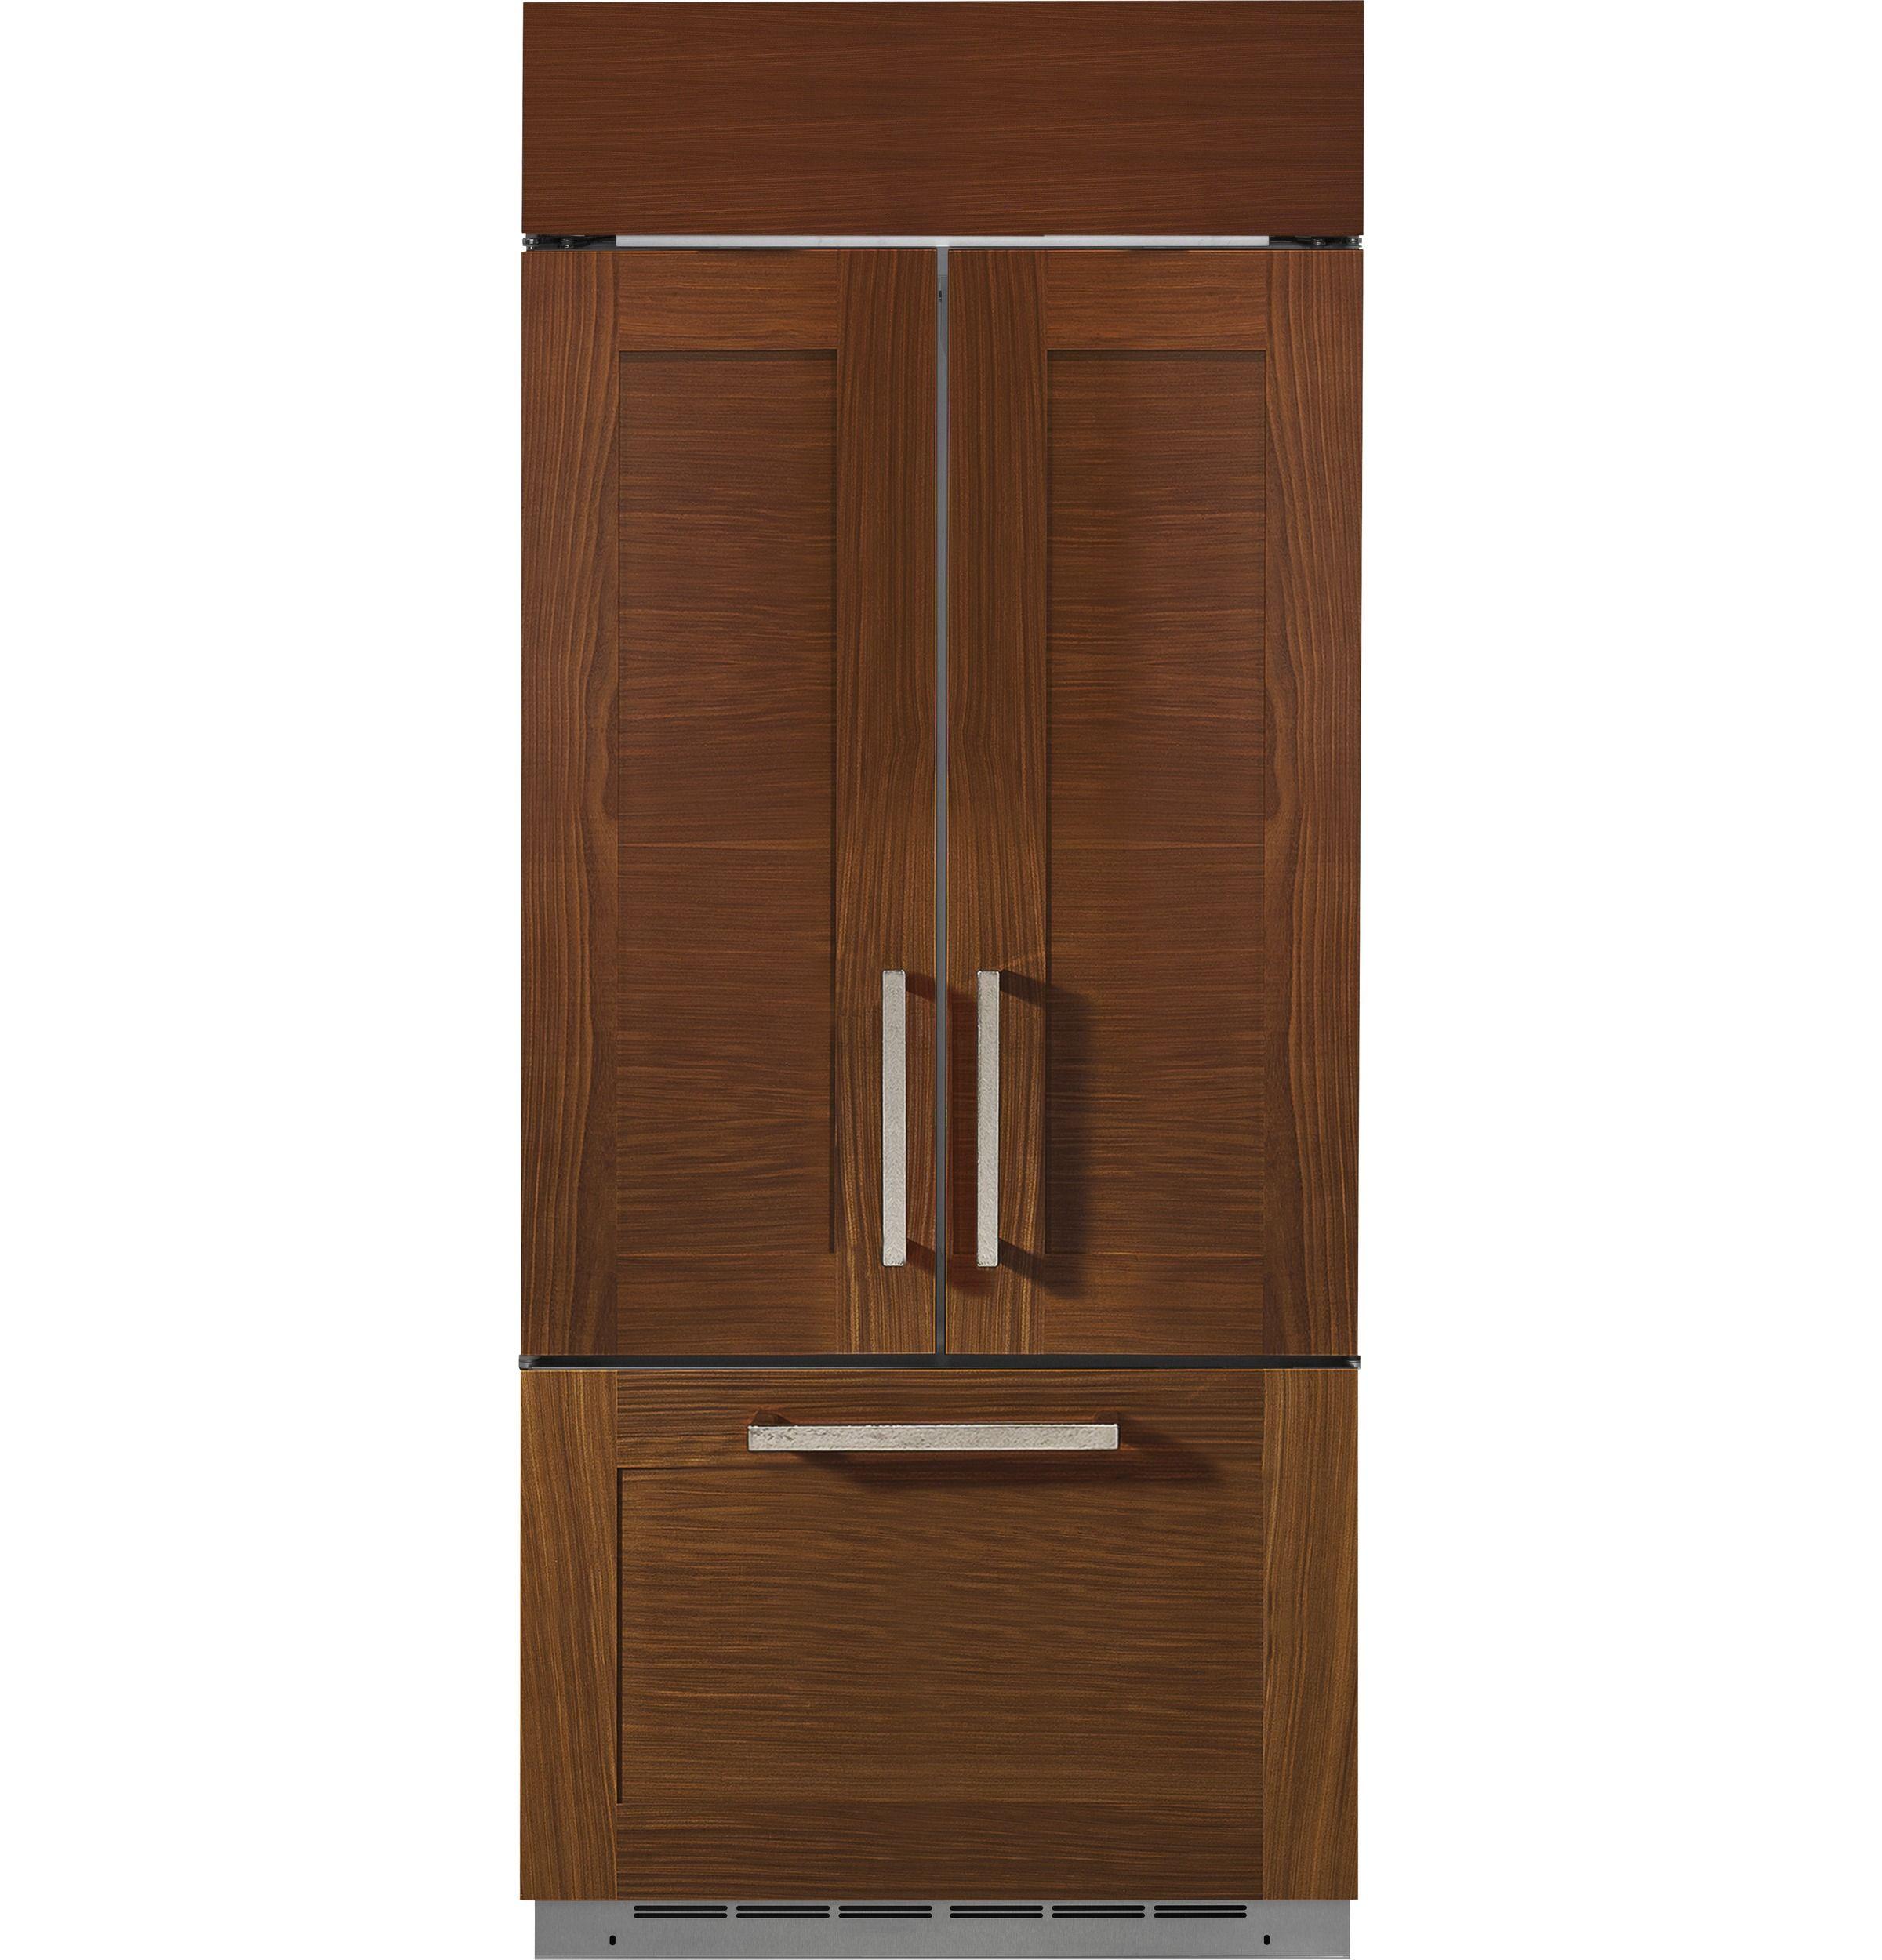 Zip360nh Monogram 36 Built In French Door Refrigerator The